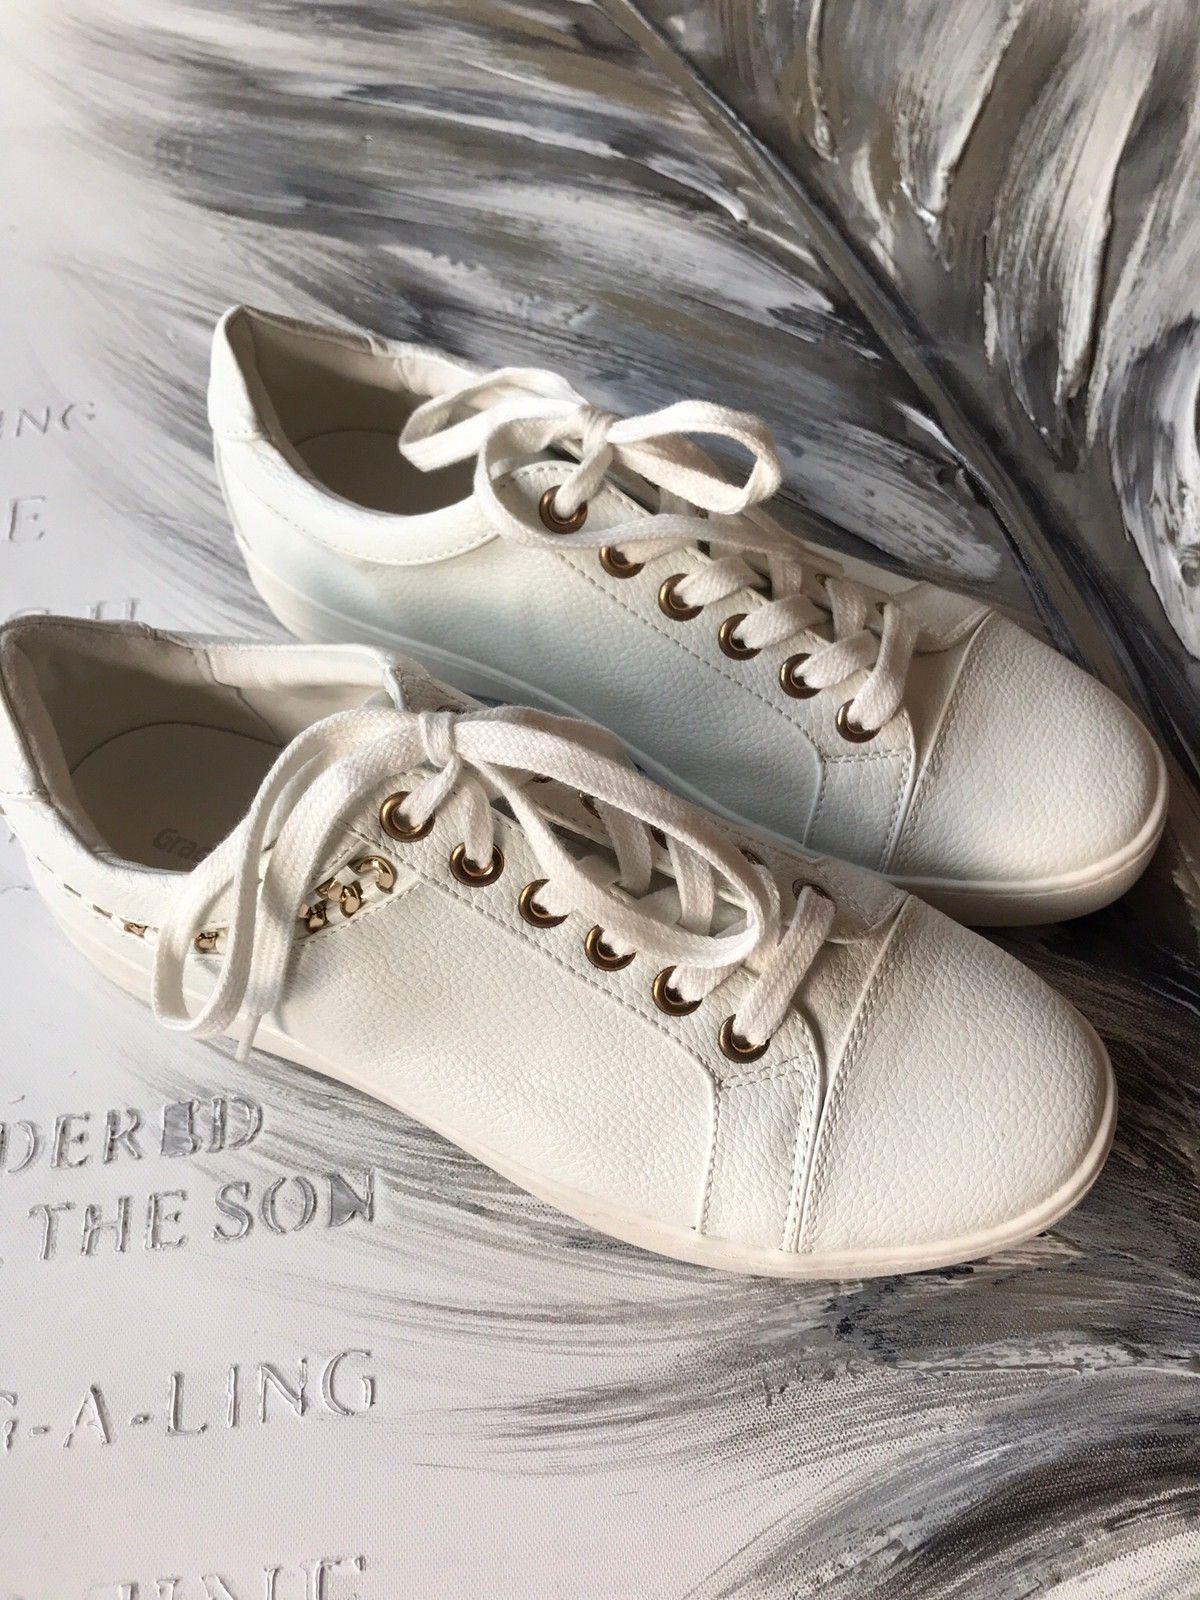 Nye sko str 40 Kjøpe, selge og utveksle annonser finn den